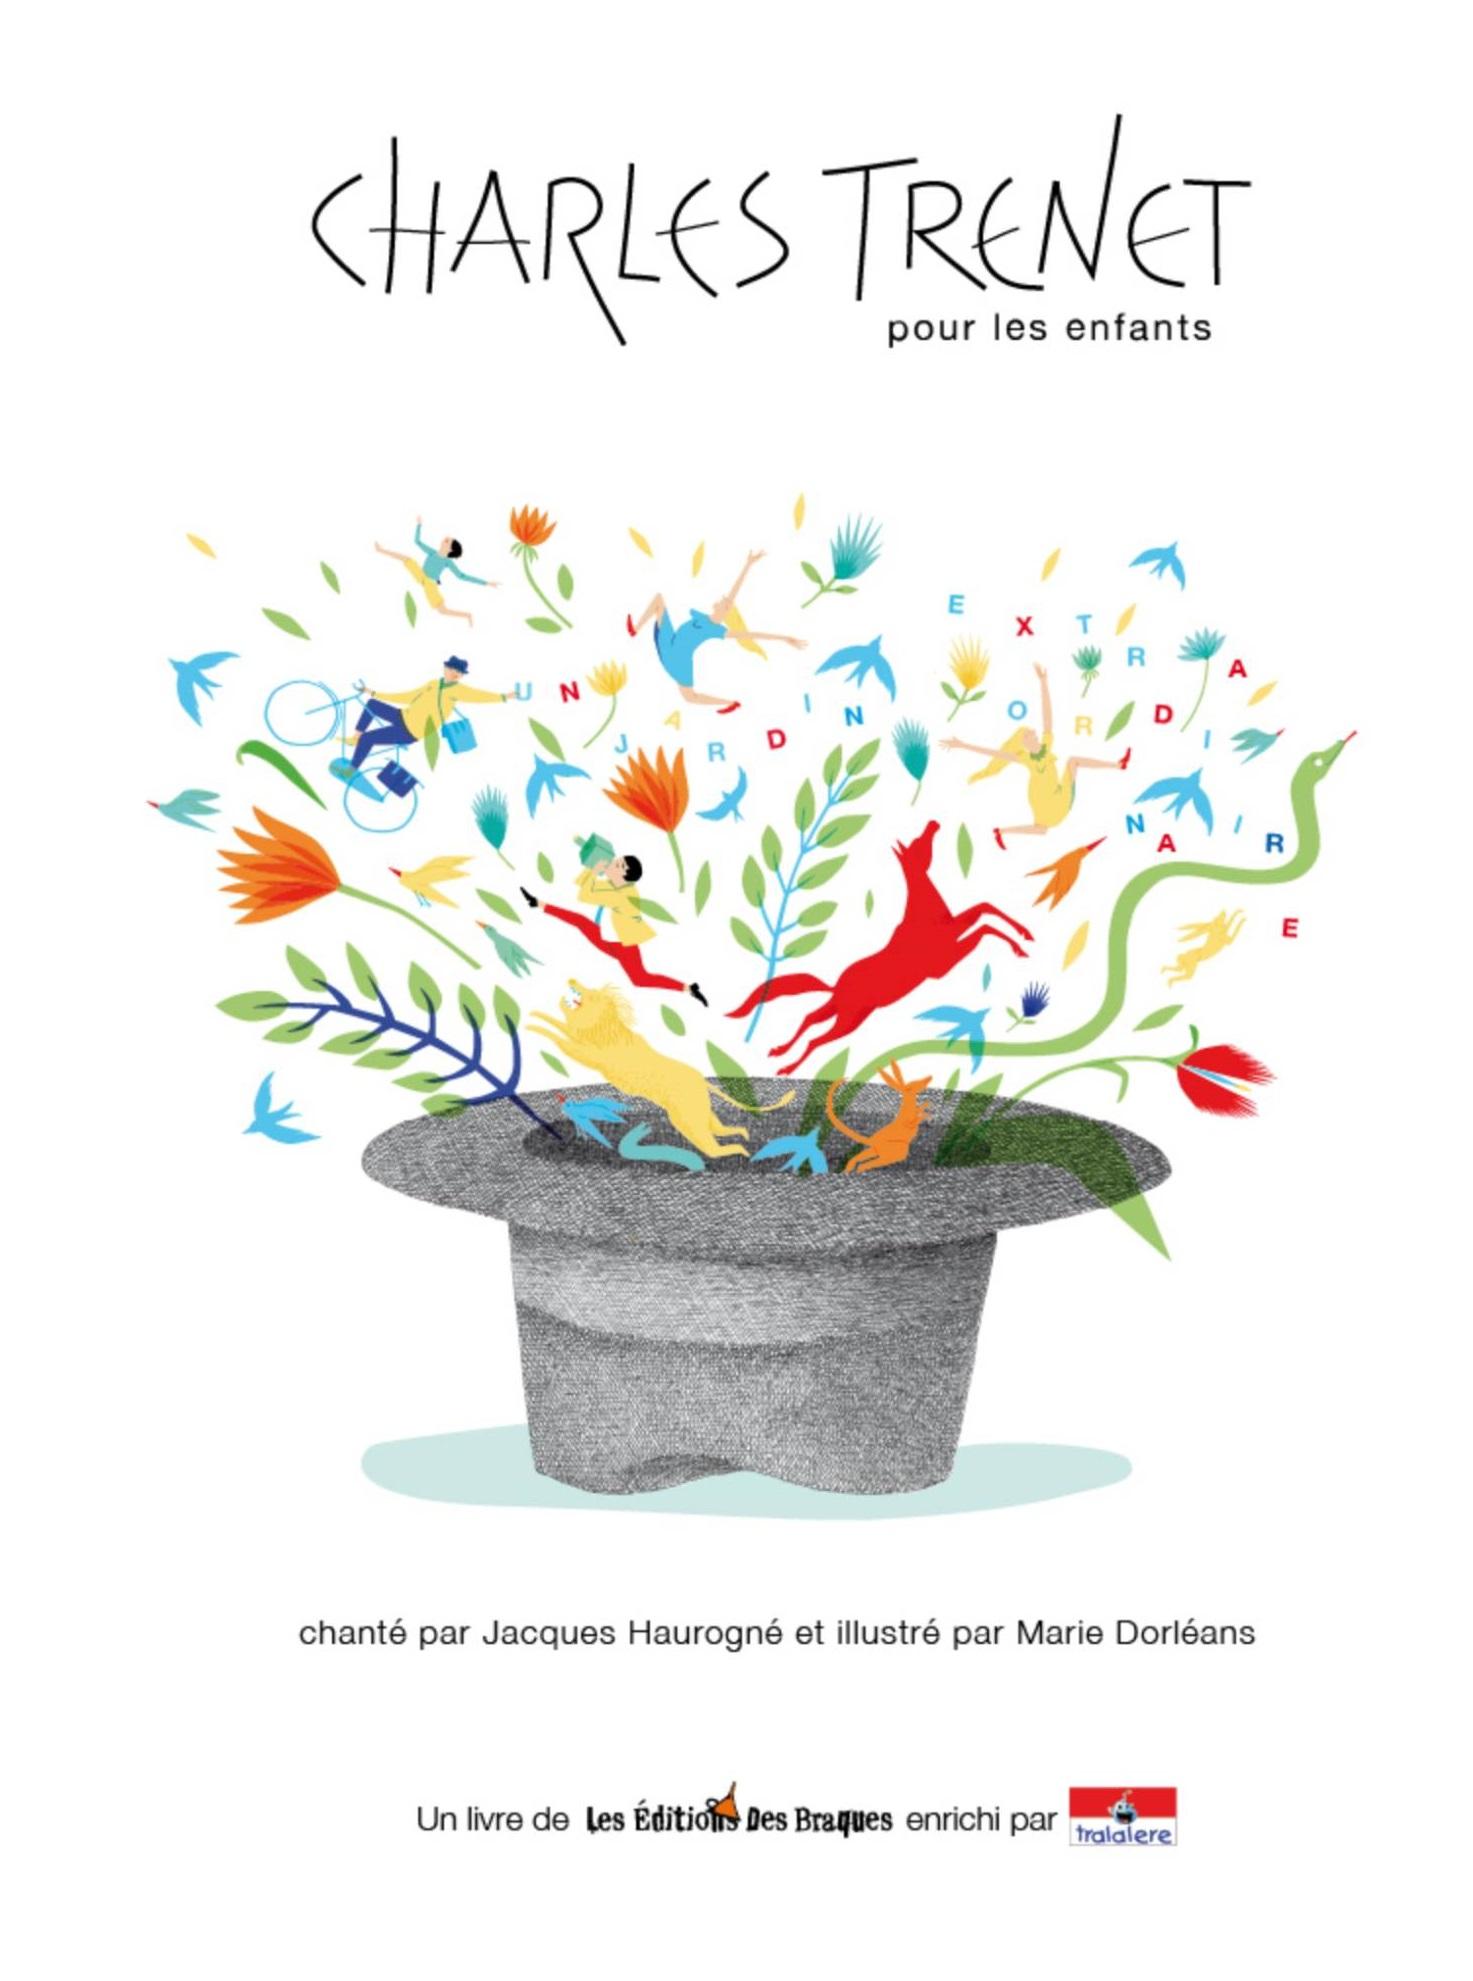 Charles Trenet pour les enfants Tralalere epub ebook Apple iPad iPhone La Souris Grise 1